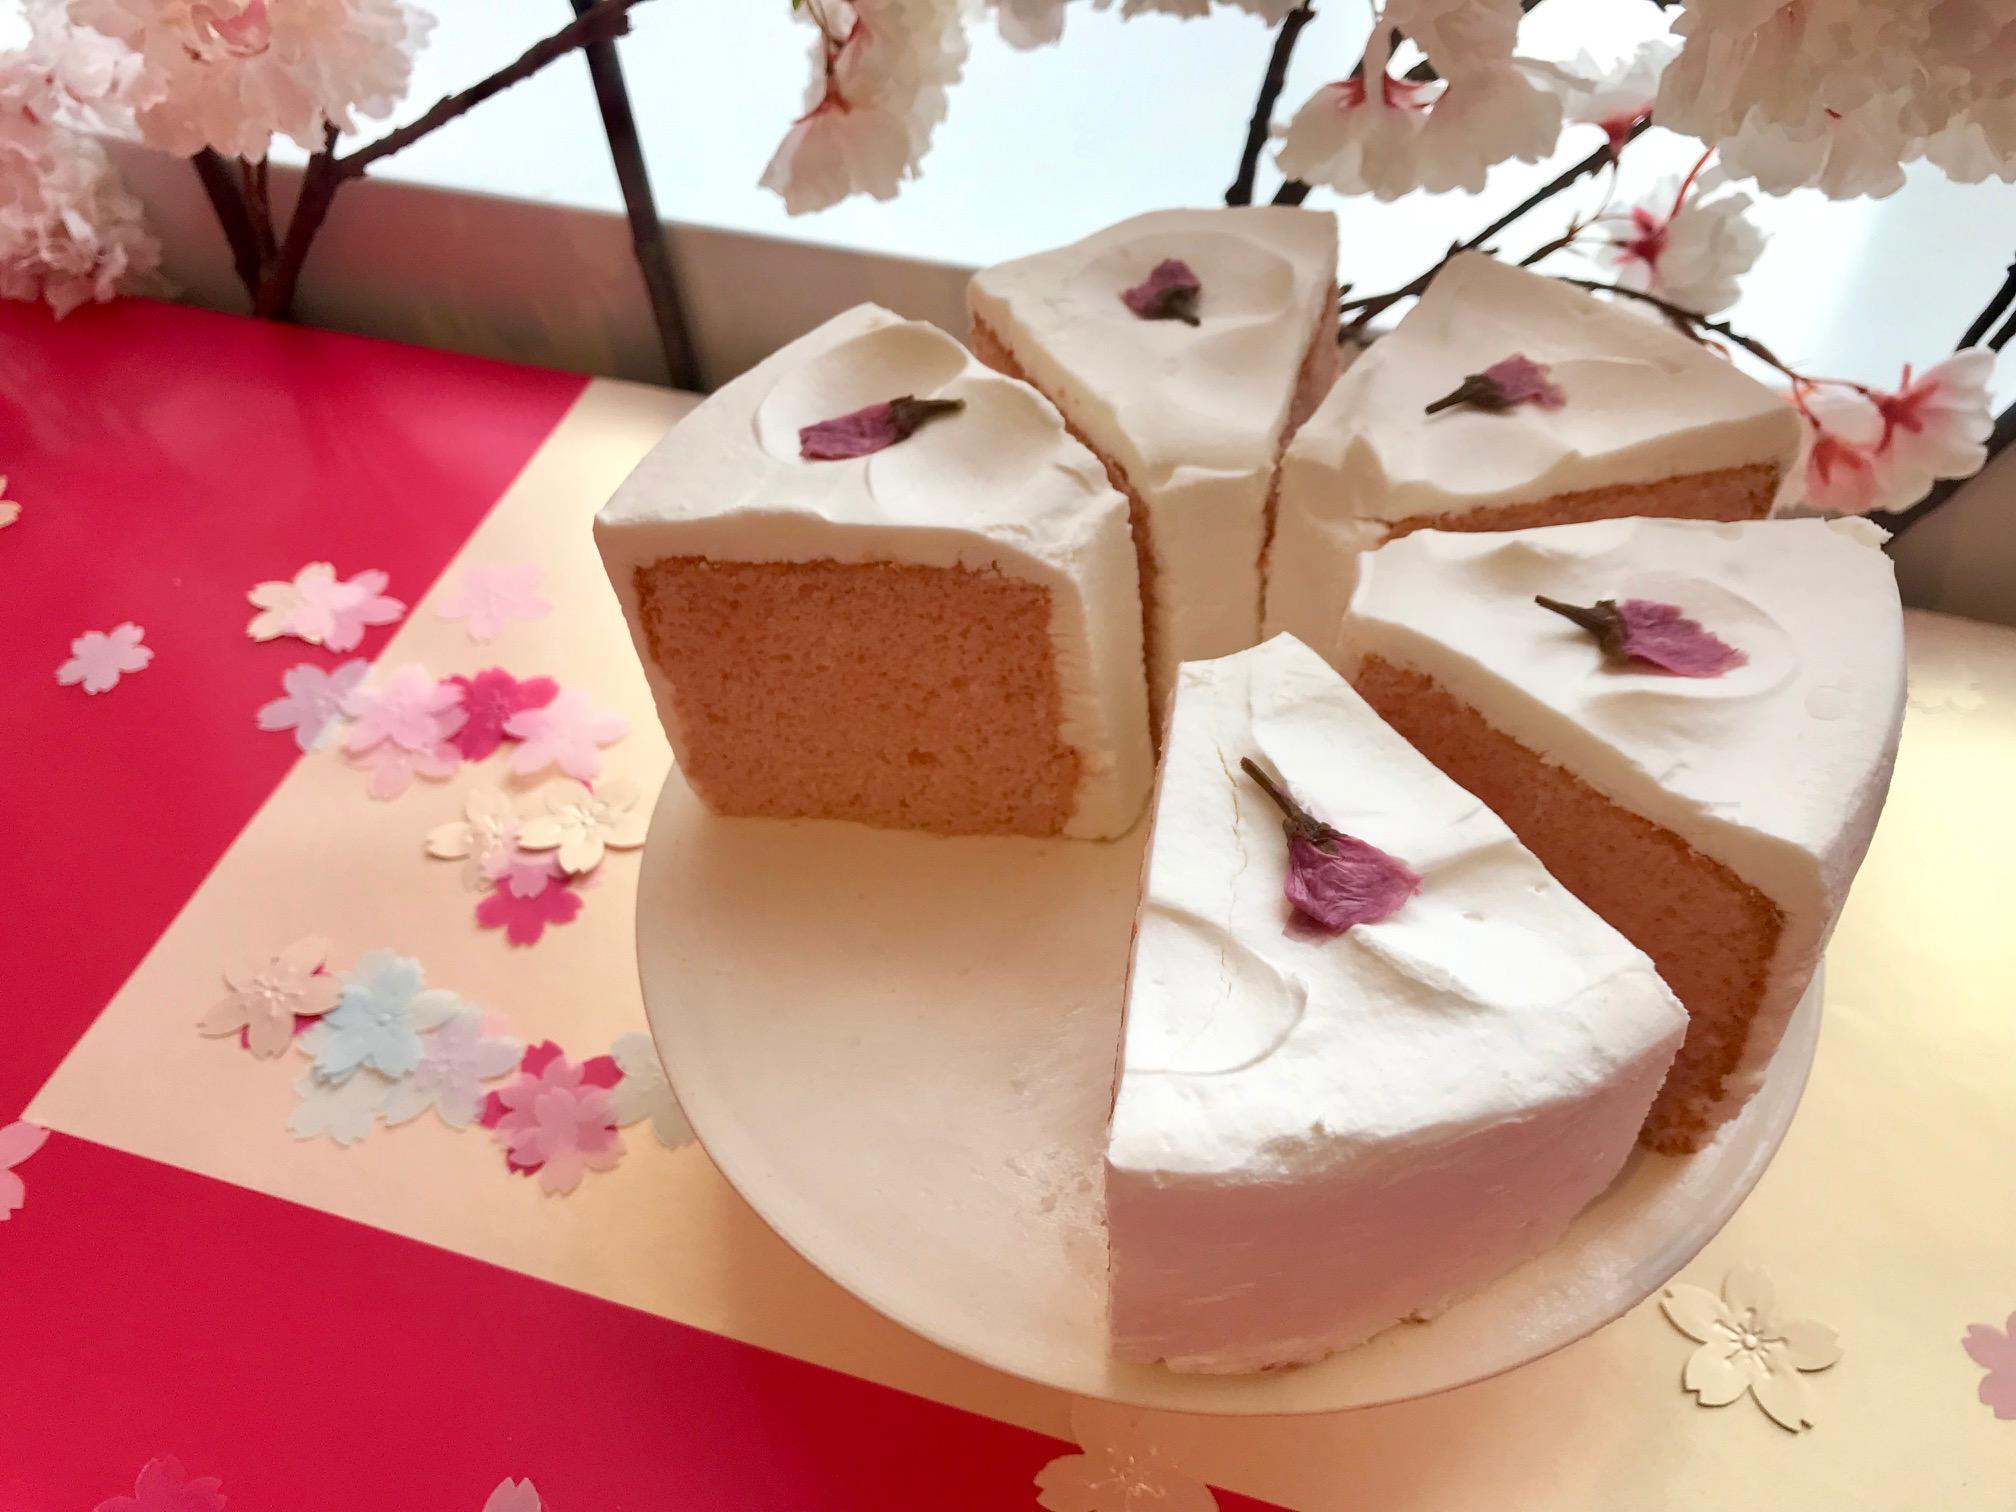 桜スイーツ特集《2019年版》- 限定グルメやスタバの新作、お花見グルメも!_8